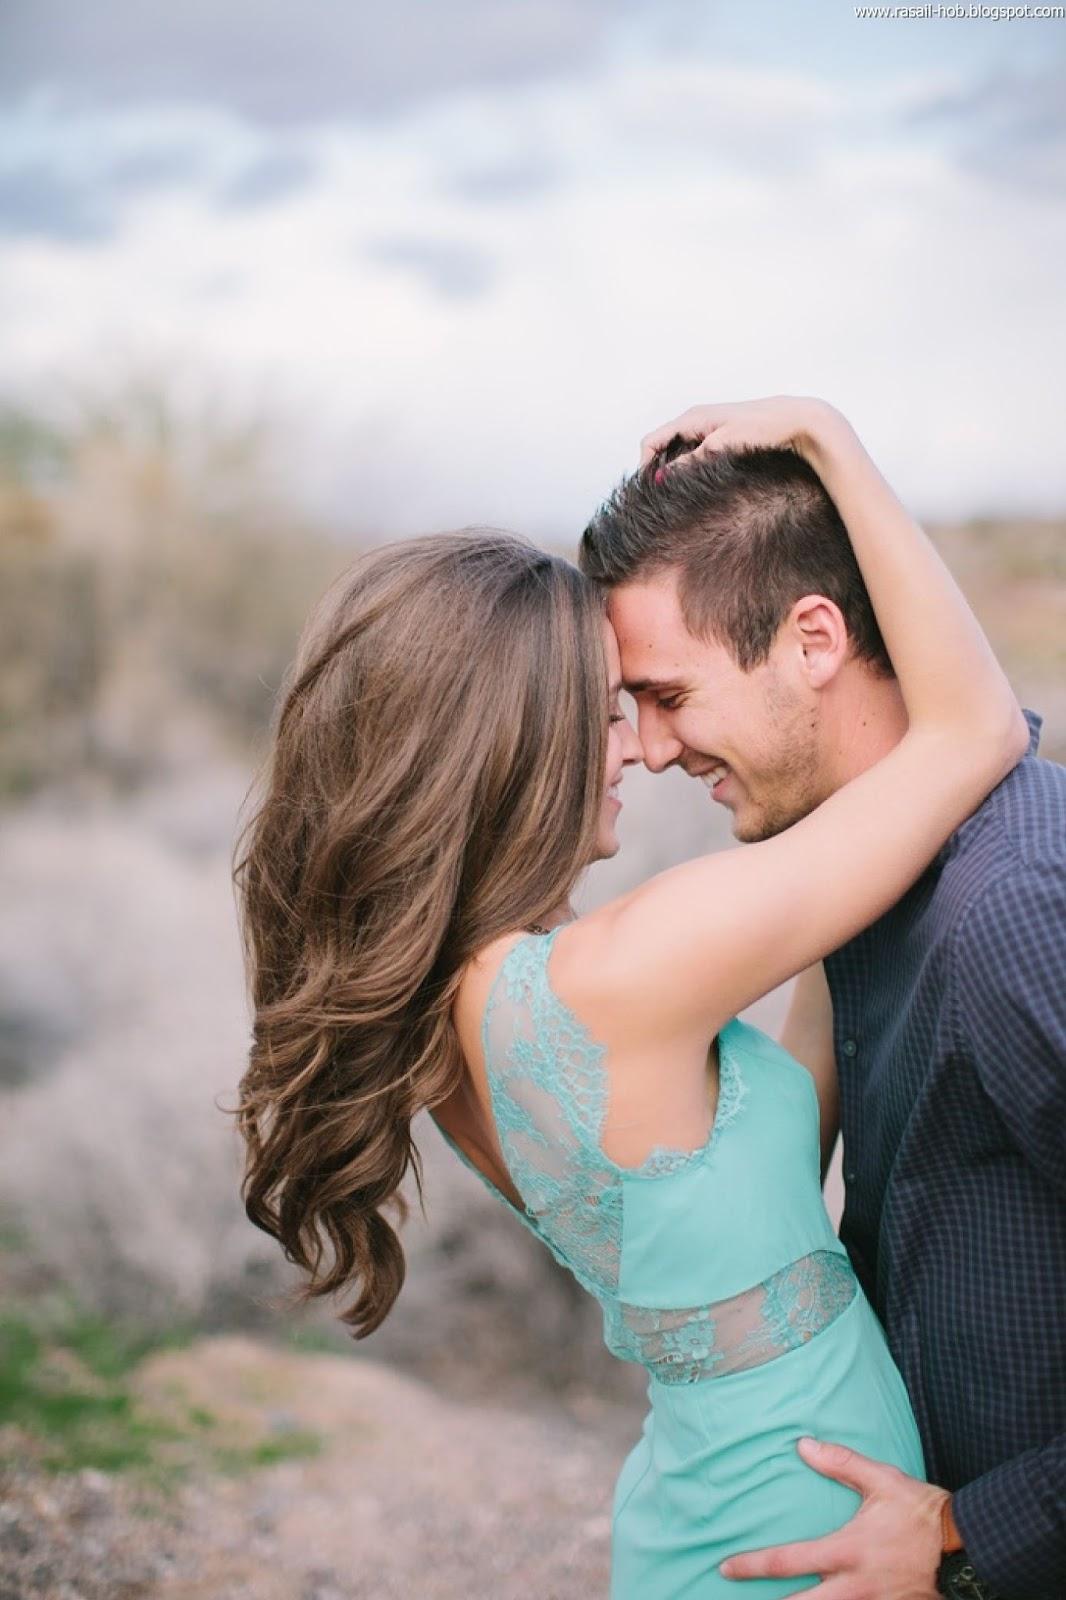 بالصور صور حب ورومانسية , اجمل الصور والخلفيات الرومانسية 3272 10